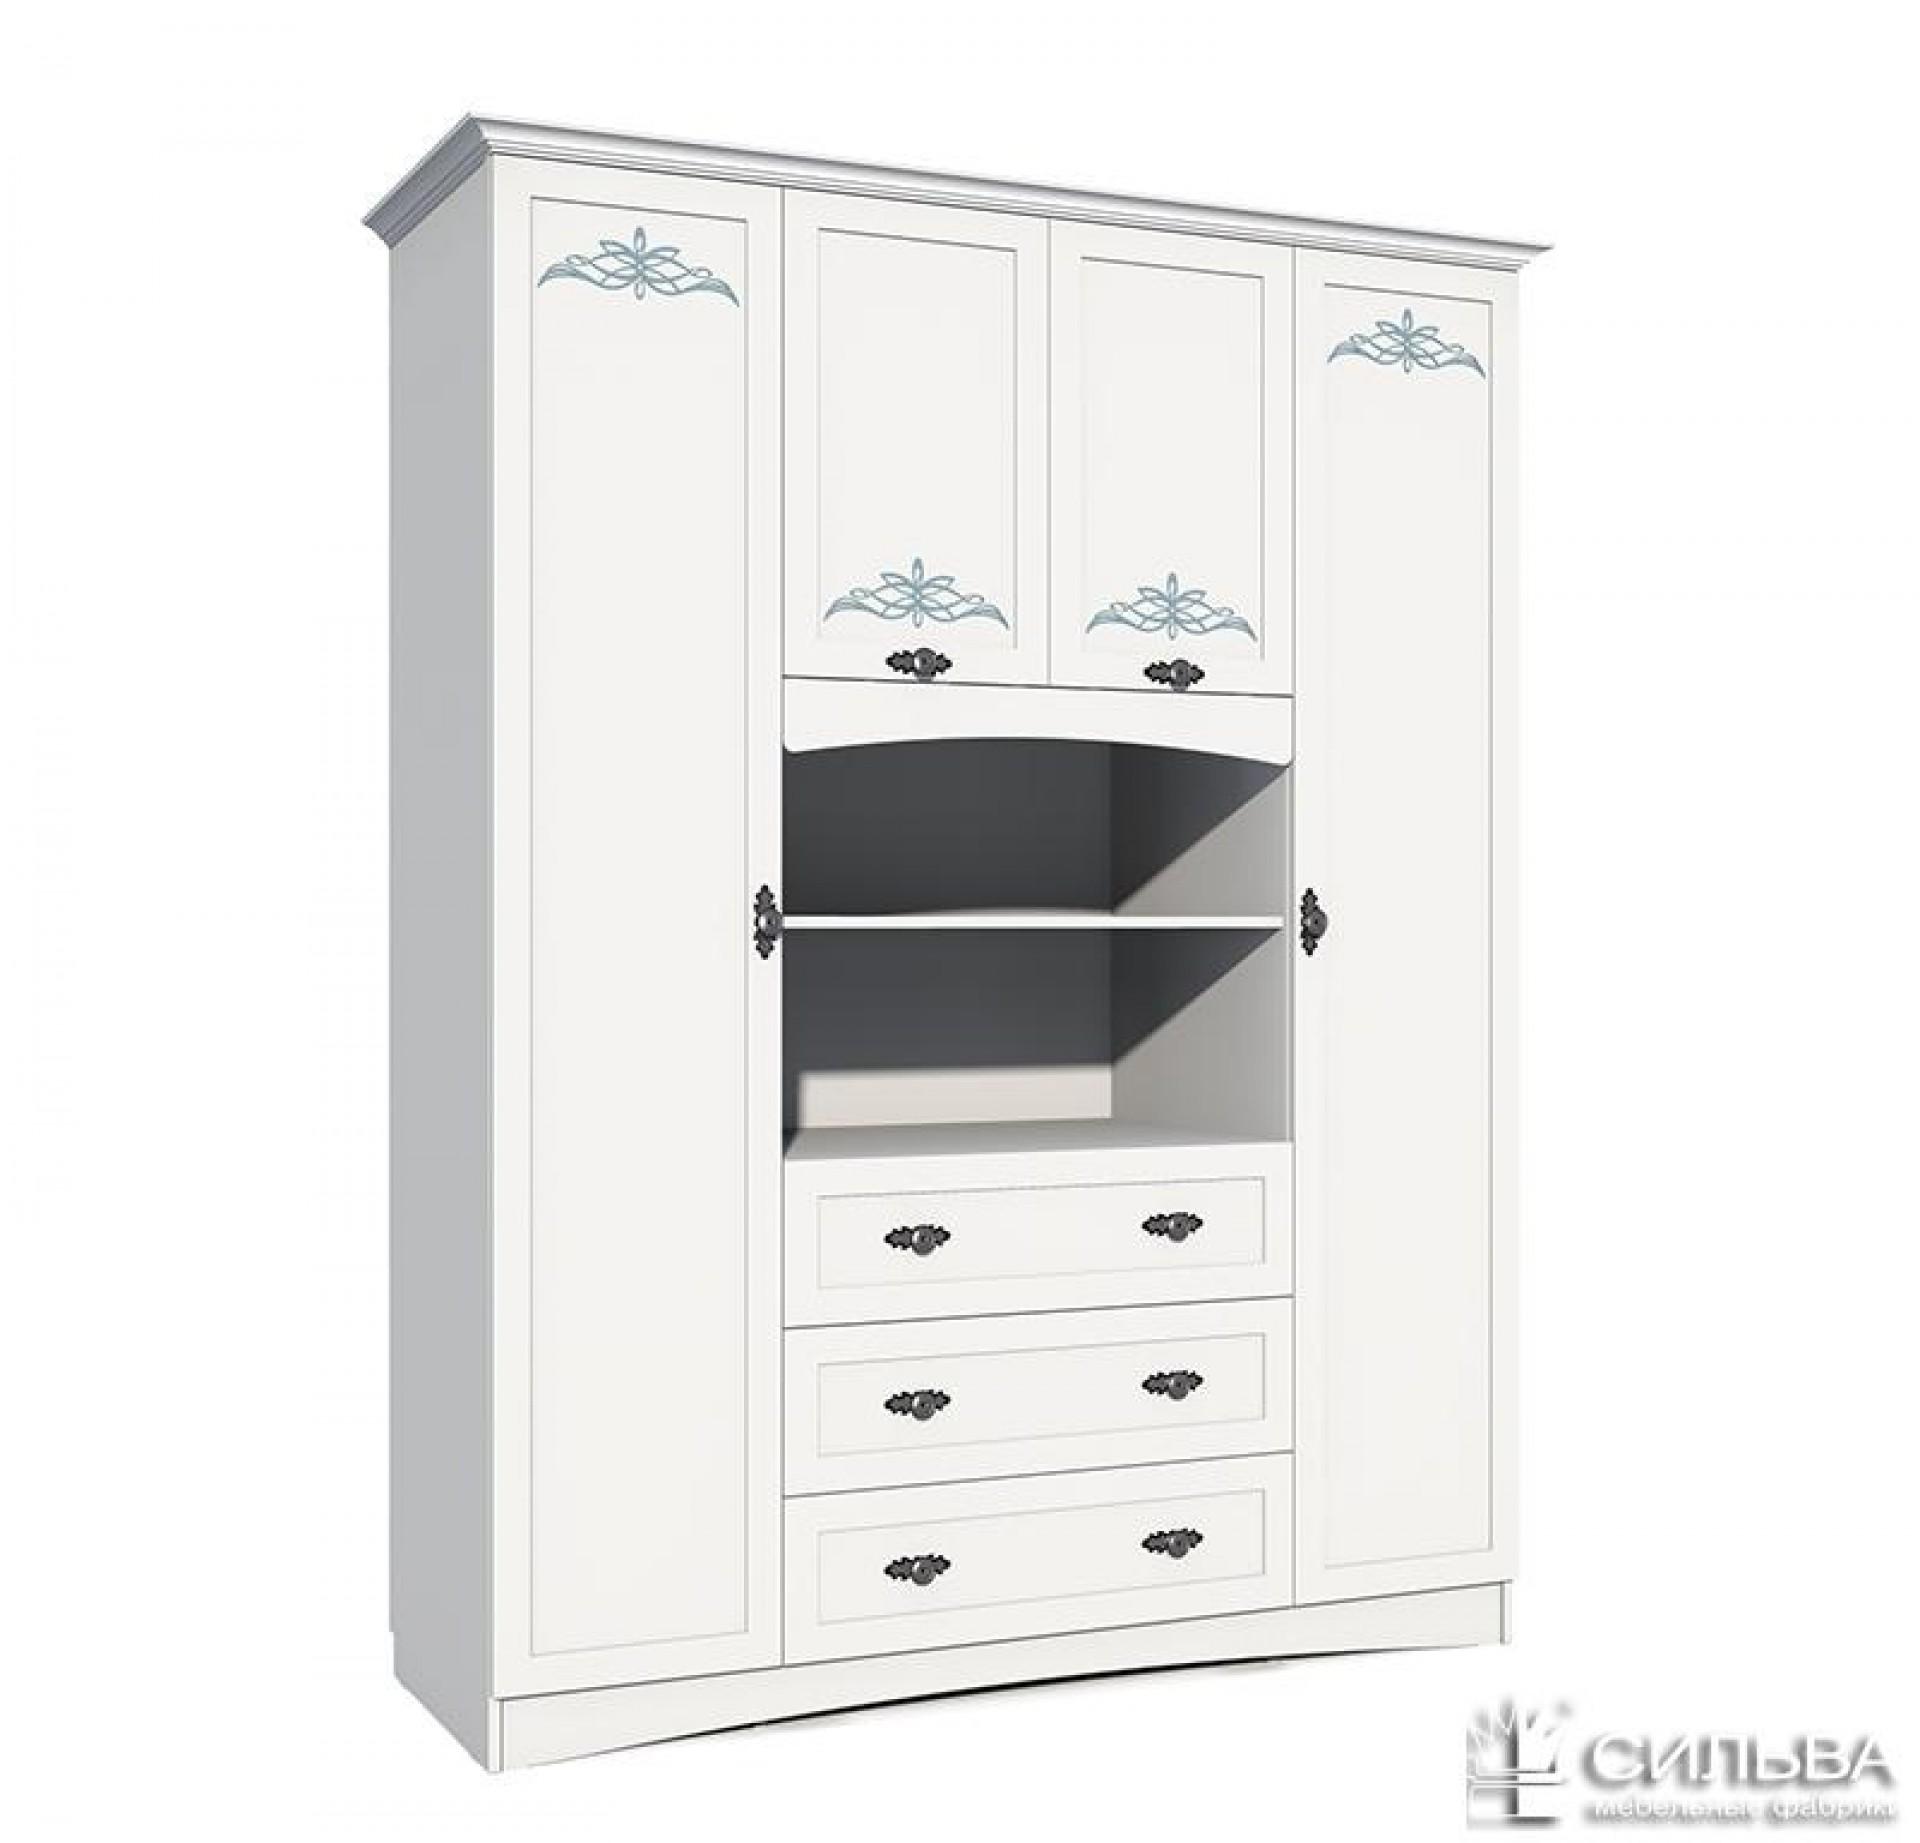 Шкаф комбинированный «Прованс» НМ 009.25